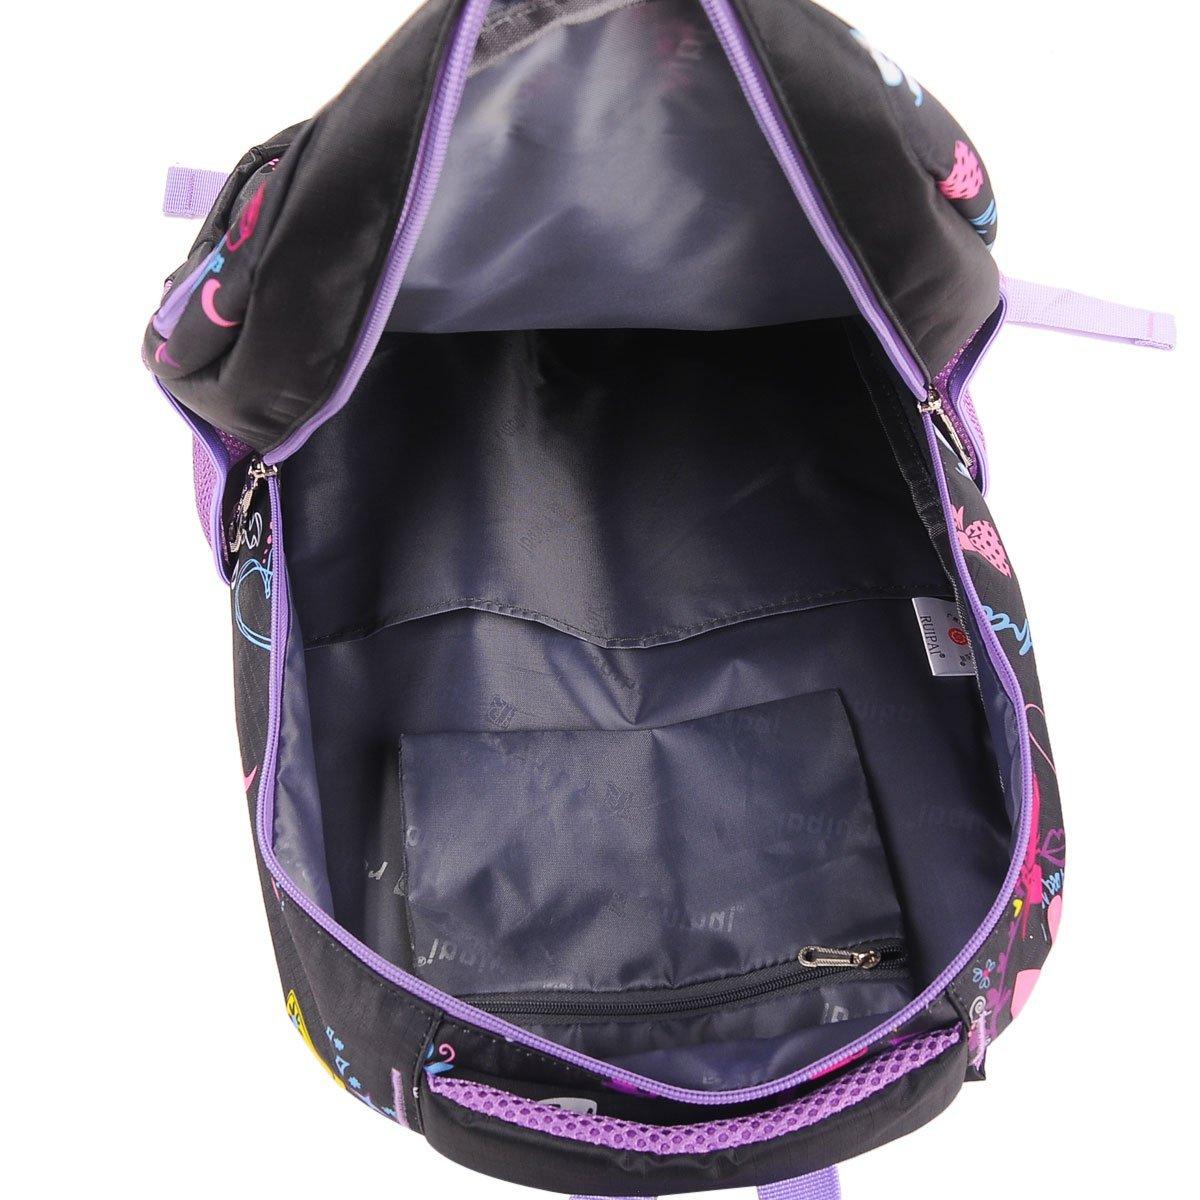 96ef3809f5 On va vous donner quelques conseils pour vous y aider, notamment avec le  confort, la matière dont est fabriqué le sac et son design.